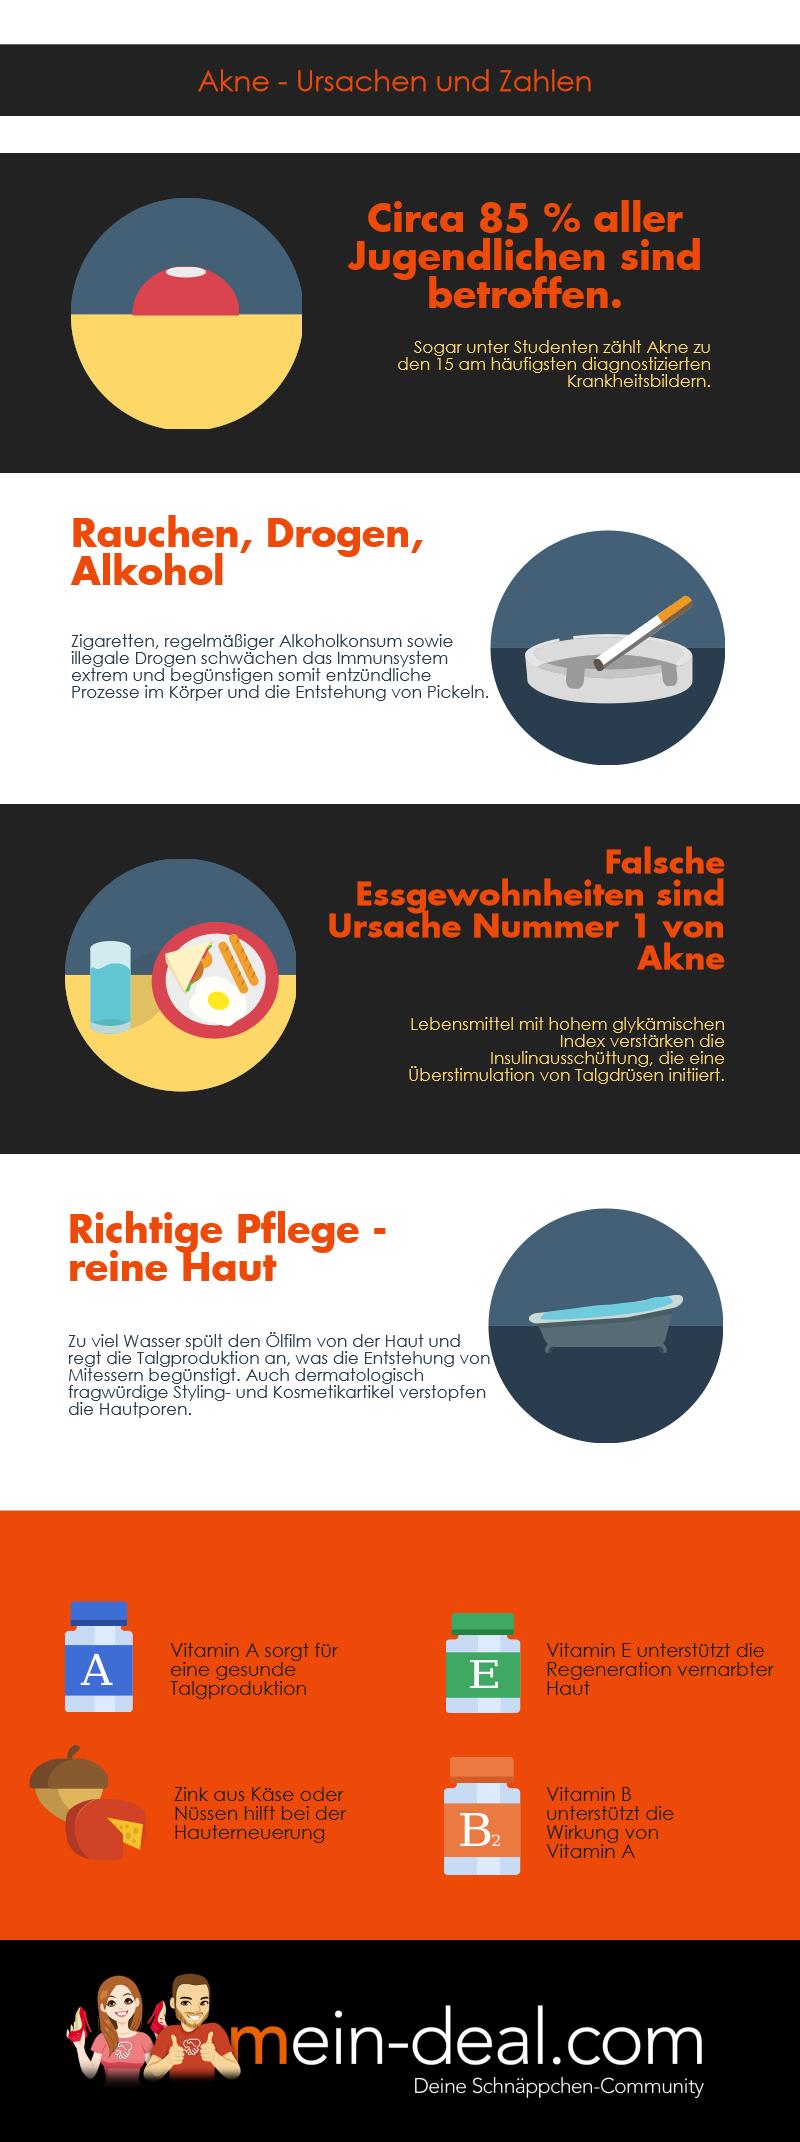 infografik akne ursachen und zahlen Hautpflege – Hautunreinheiten erfolgreich und ohne Chemie behandeln